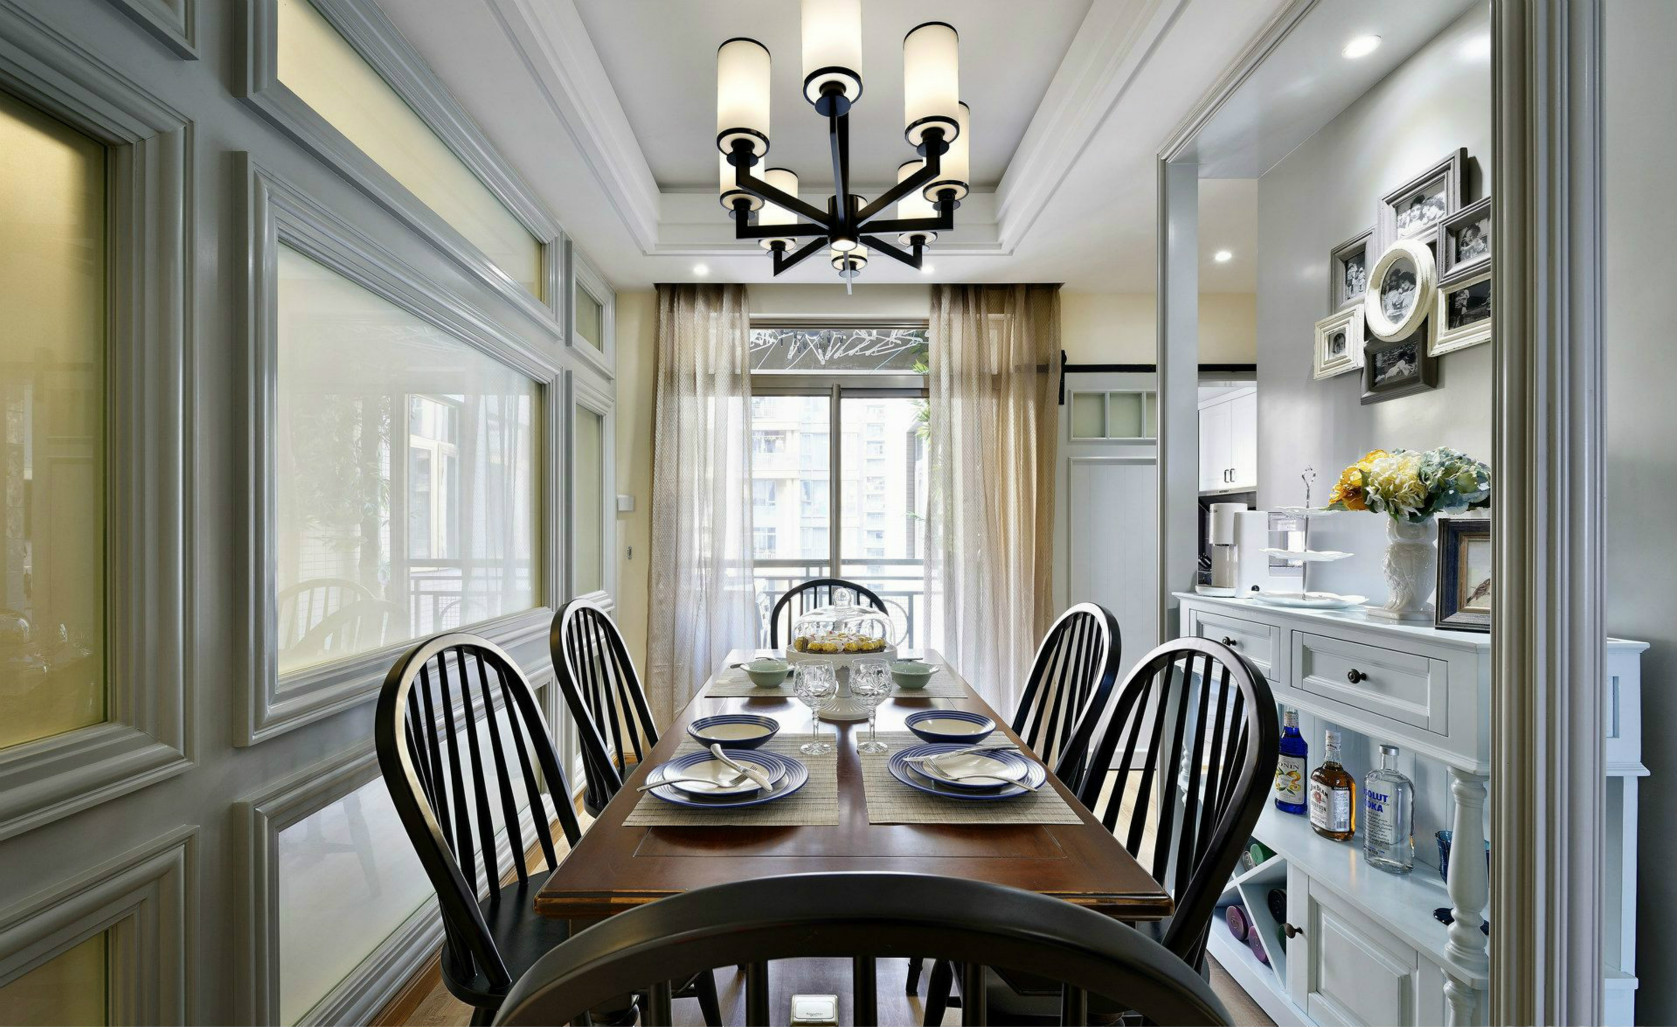 餐厅强调简洁、明晰的线条和优雅、得体有度的装饰,注重实用性、品质感和细节,一家人就餐的时候无比温馨。